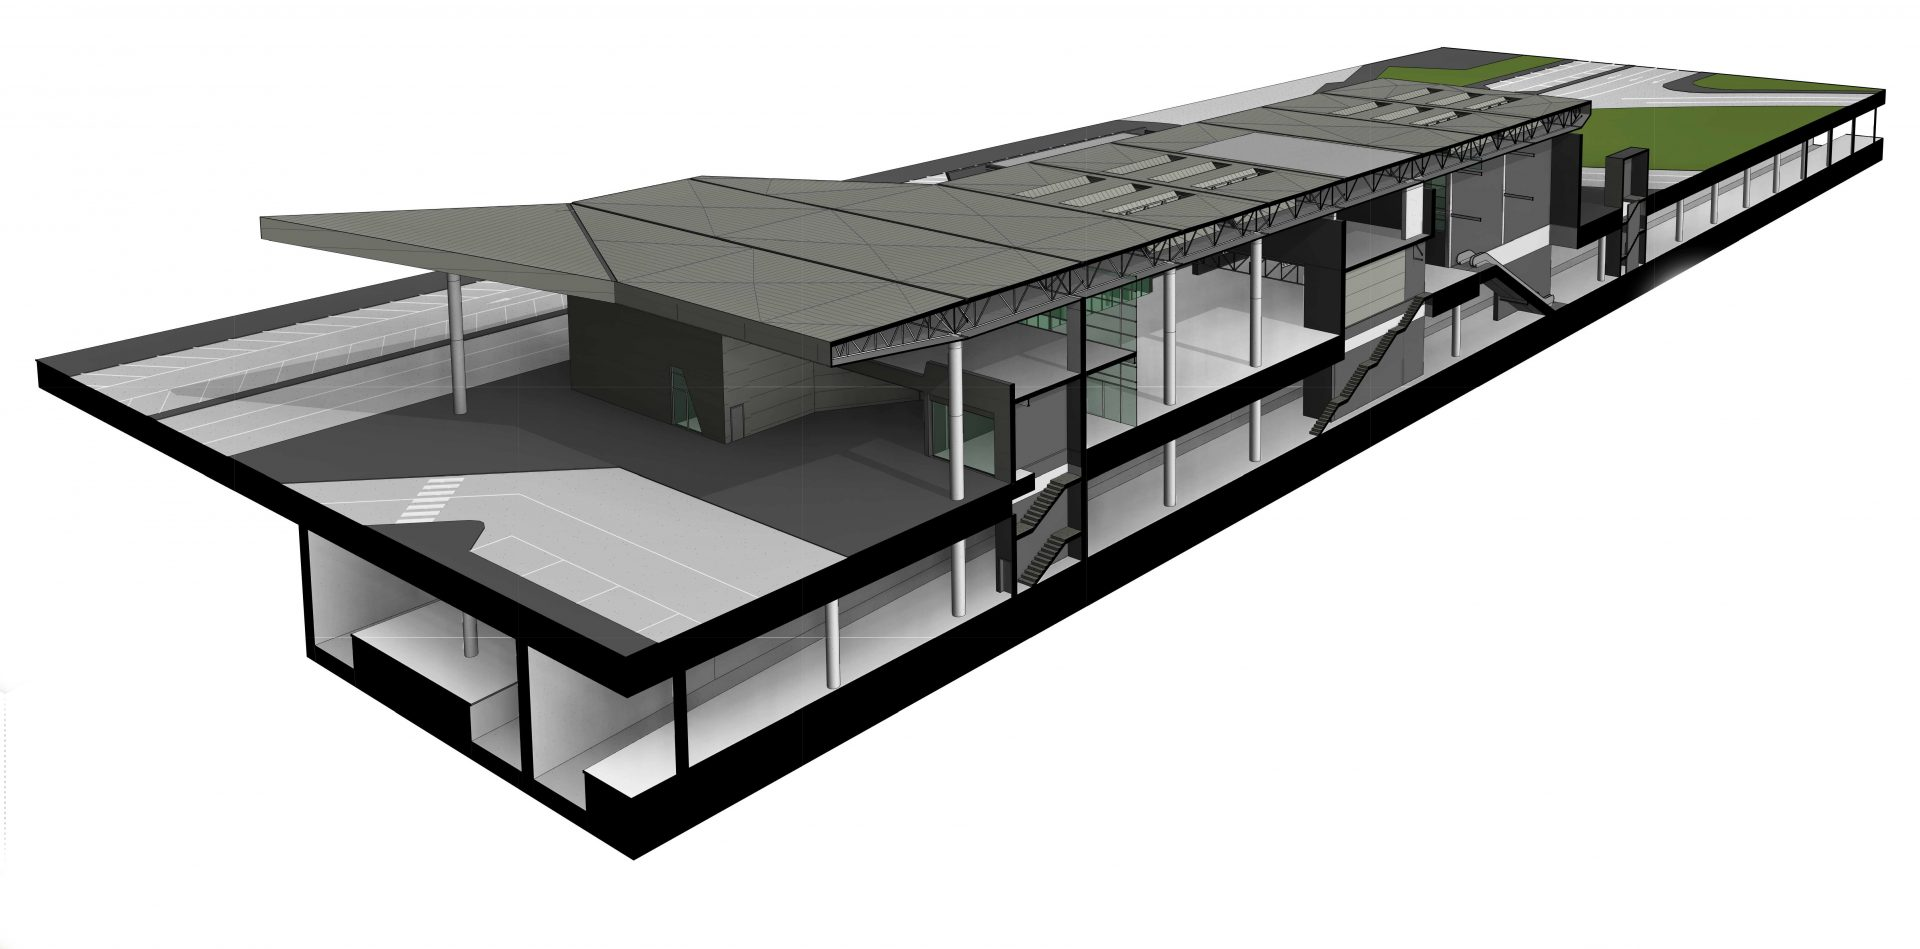 Imagen del proyecto de una estacion de tren